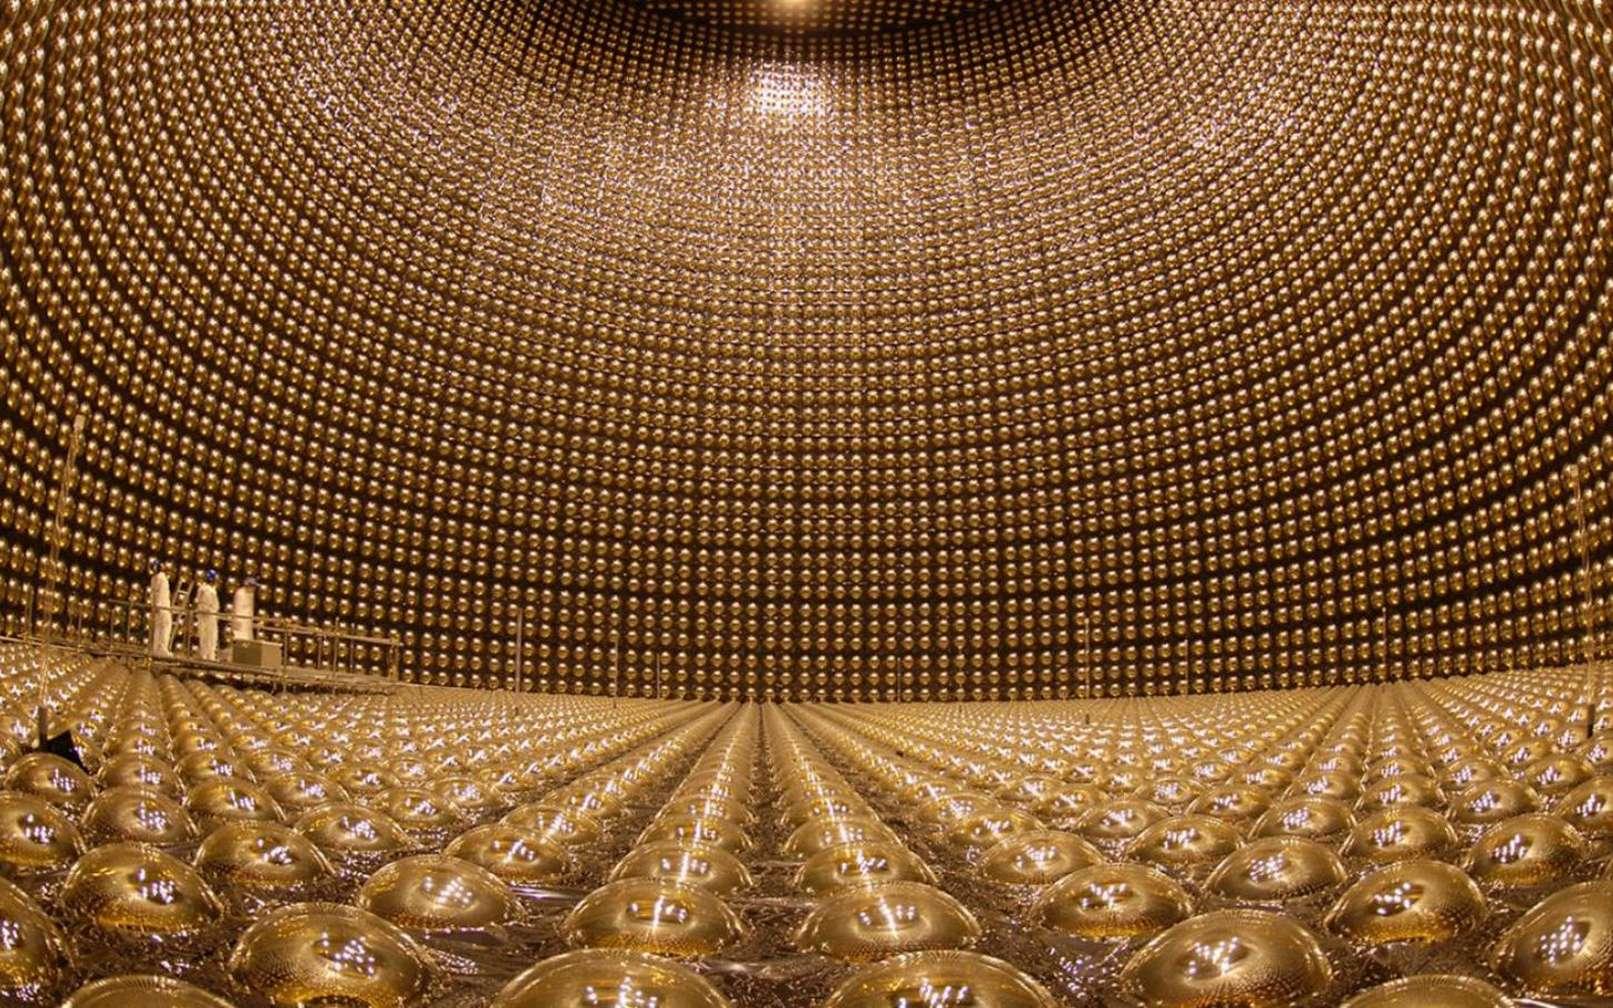 Une vue de l'intérieur du détecteur Super Kamiokande au Japon. Des photomuliplicateurs tapissent la paroi de ce réservoir géant d'eau. © Kamioka Observatory, ICRR (Institute for Cosmic Ray Research), The University of Tokyo.